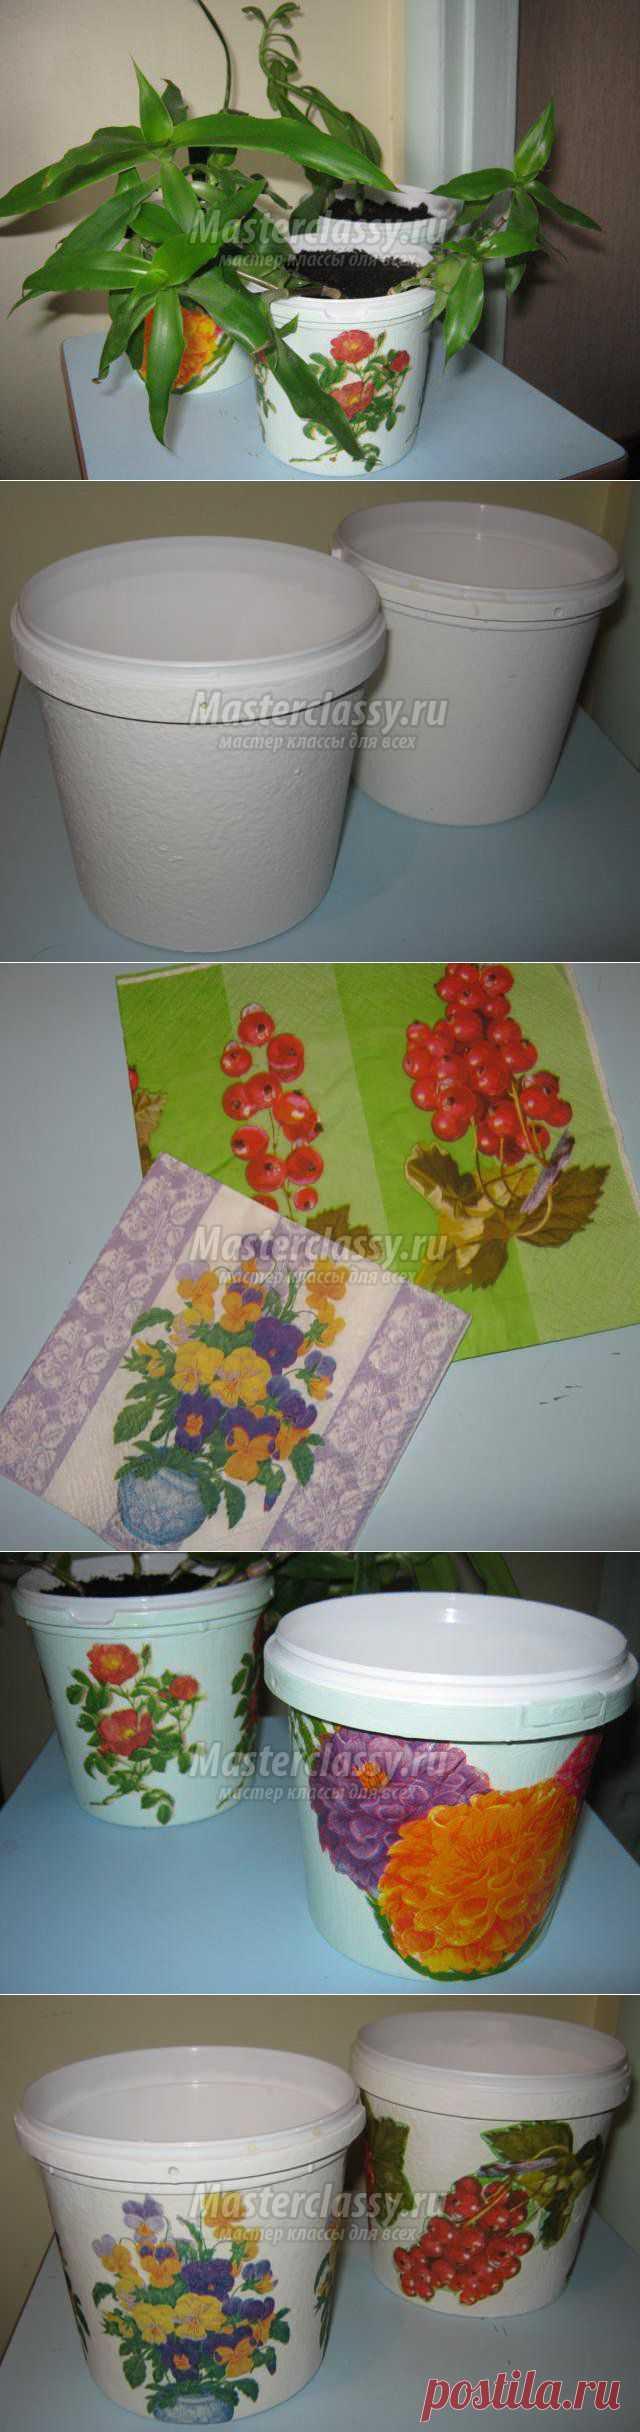 Декупаж горшков для цветов «Навстречу весне». Мастер класс с пошаговыми фото